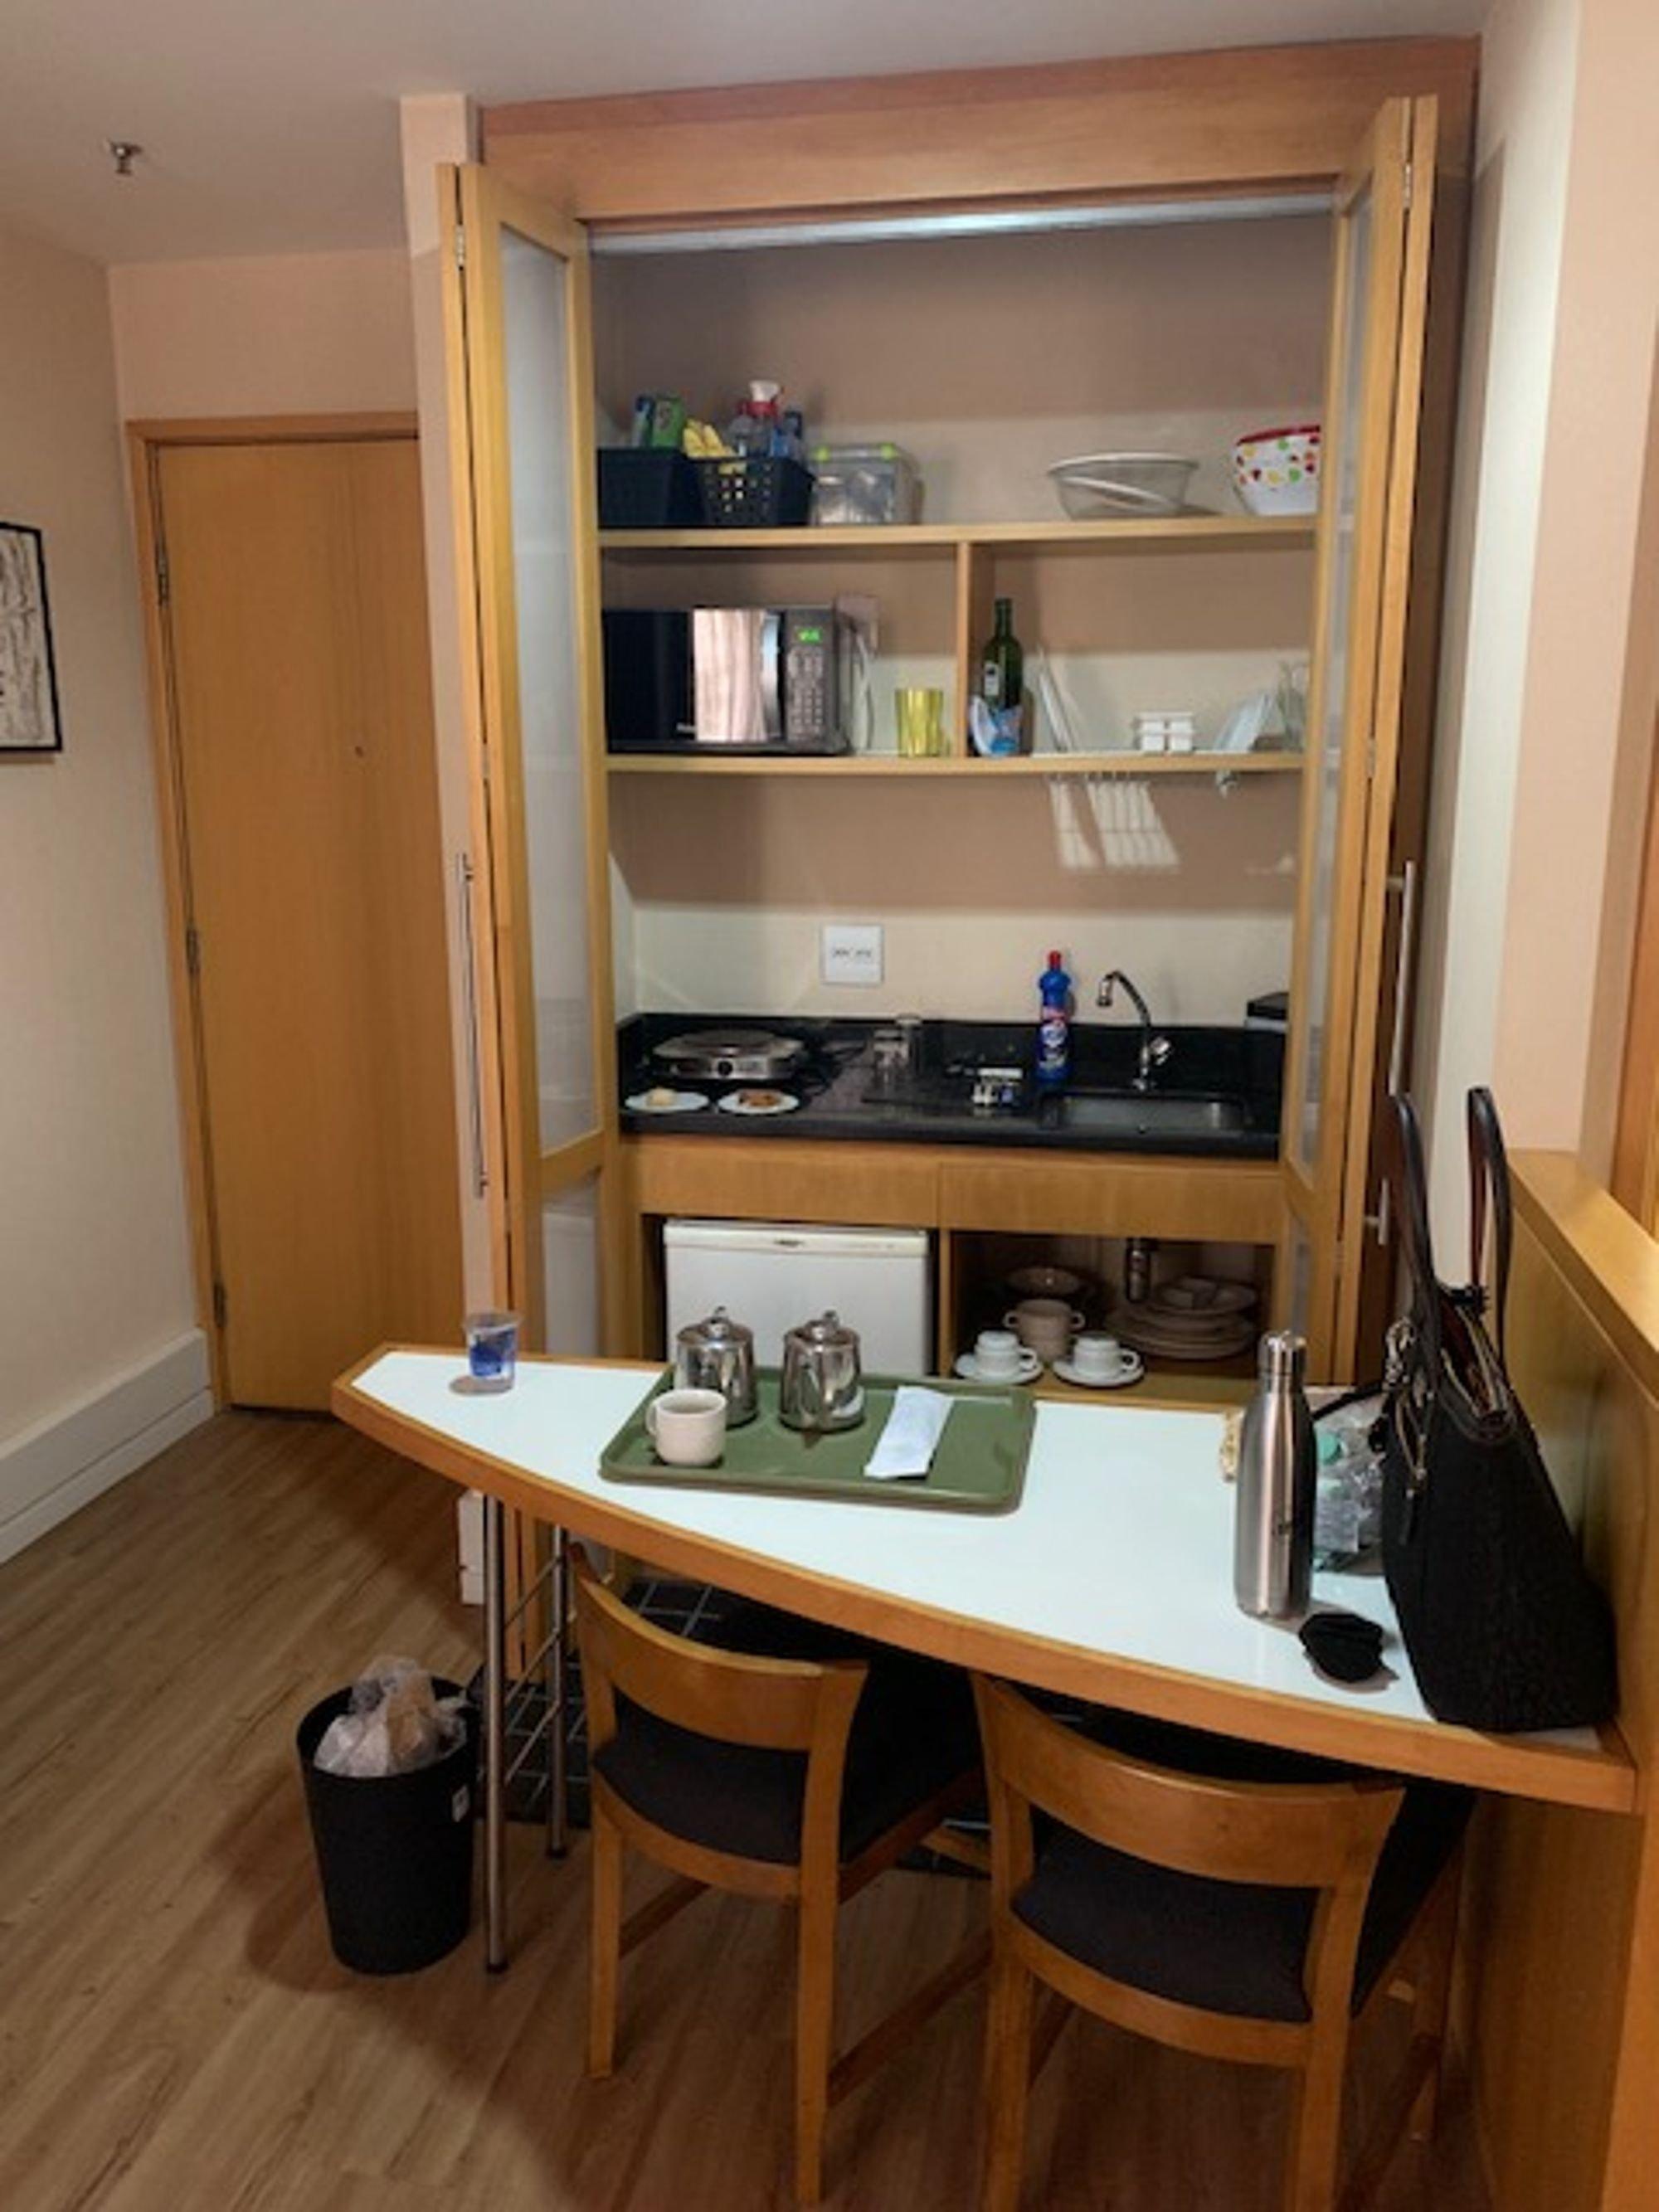 Foto de Sala com bolsa, pia, cadeira, mesa de jantar, garrafa, tigela, xícara